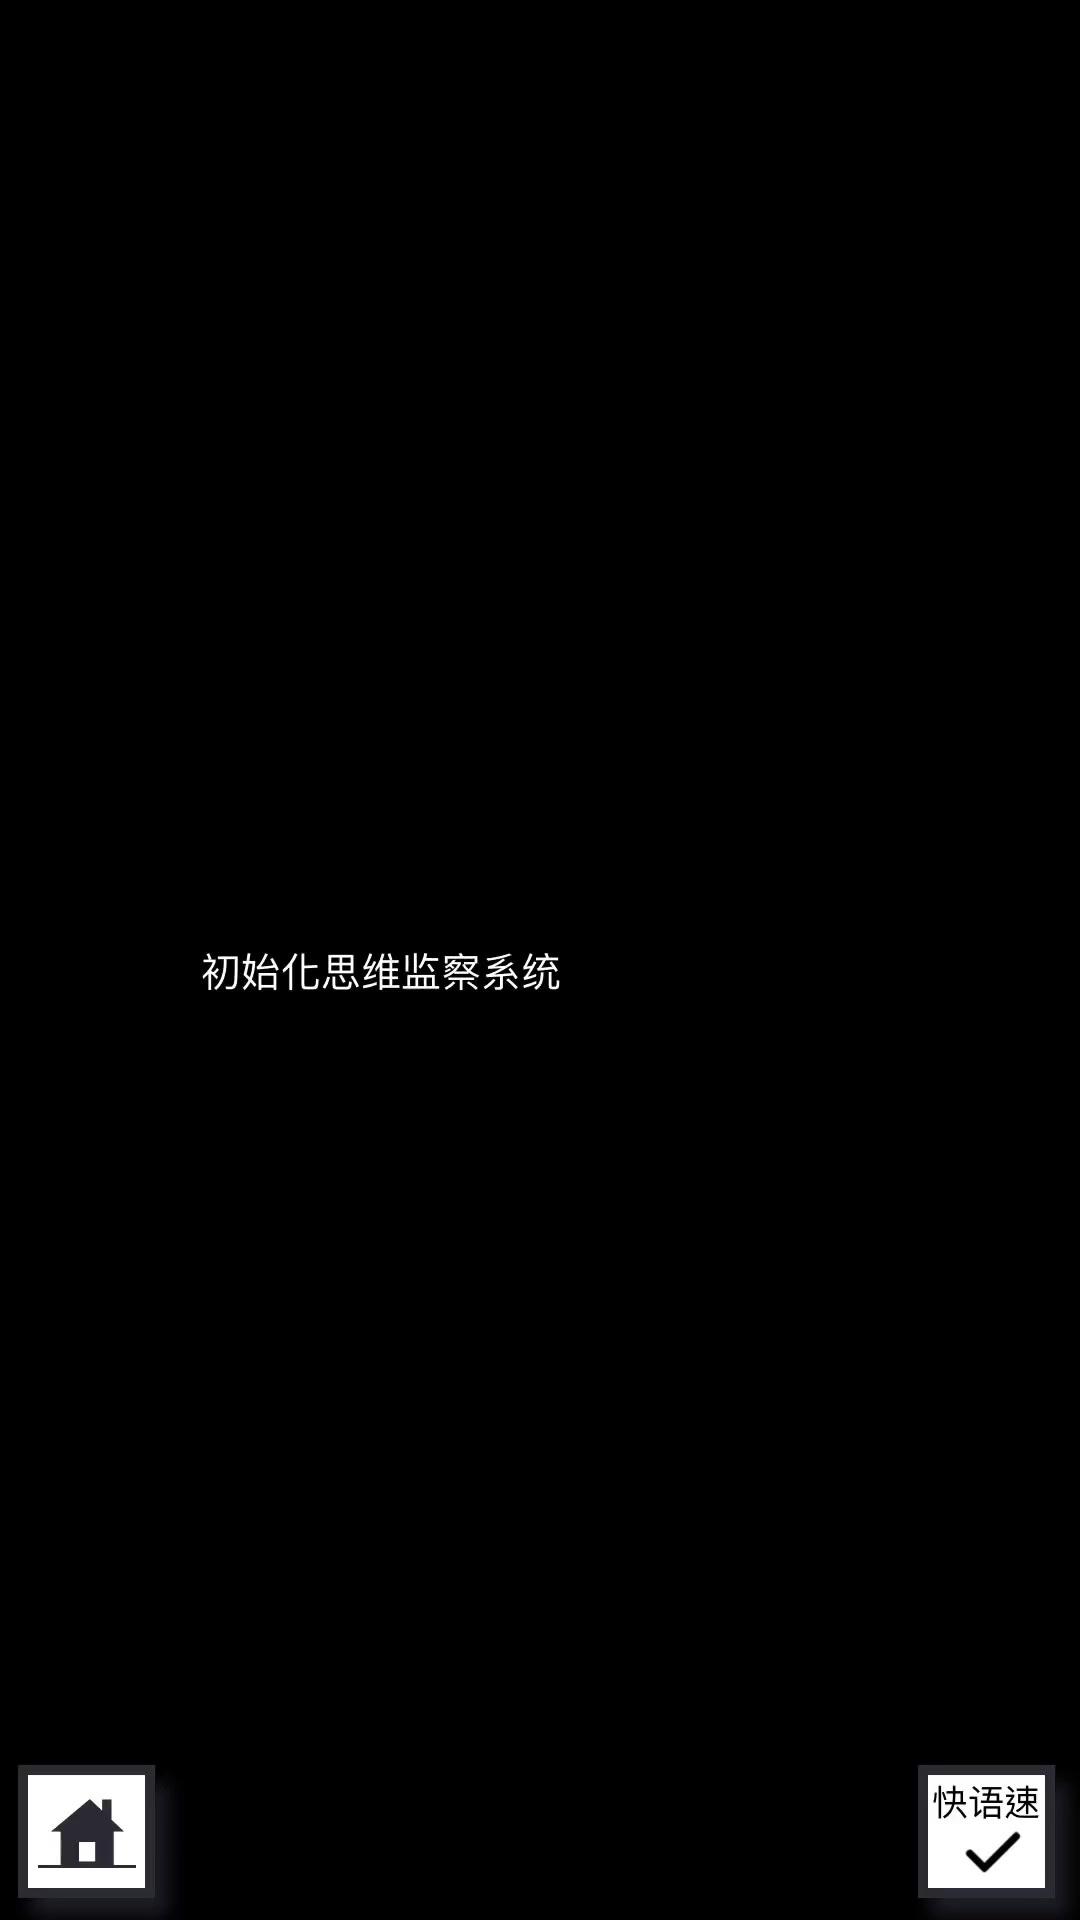 织言辨语 游戏宣传片